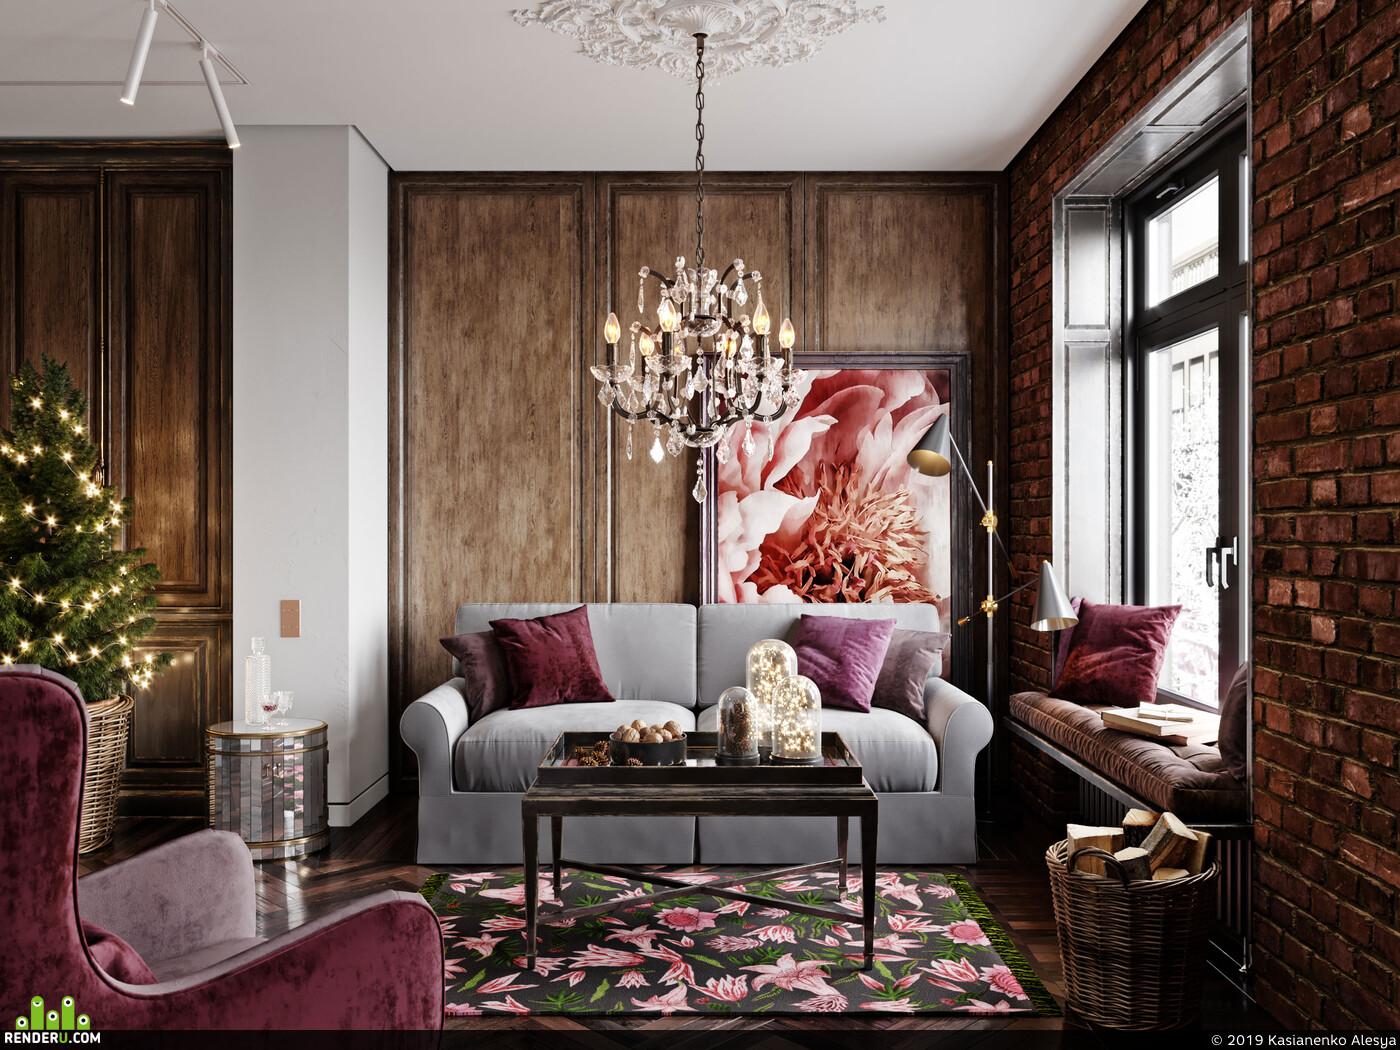 современная классика, лепнина, дерево, кирпич, интерьер, дизайнинтерьера, визуализация интерьеров, эклектика, камин, классика